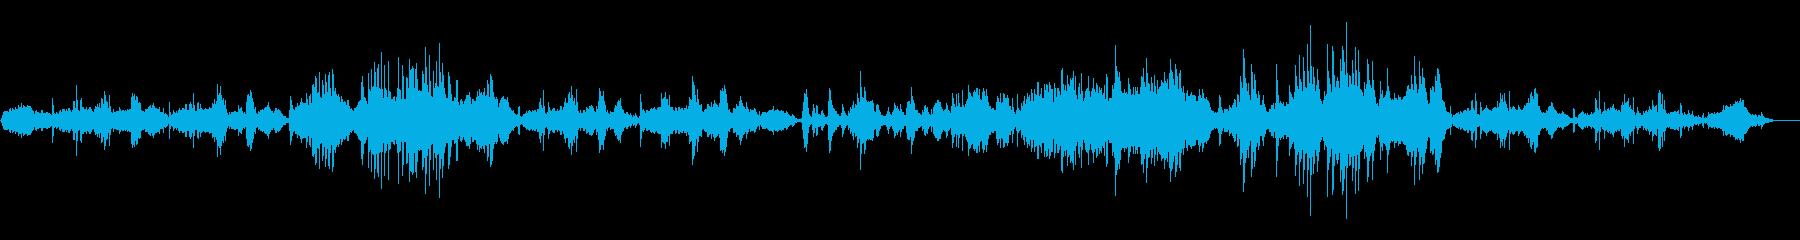 ゆったりと切ないピアノソロ曲の再生済みの波形